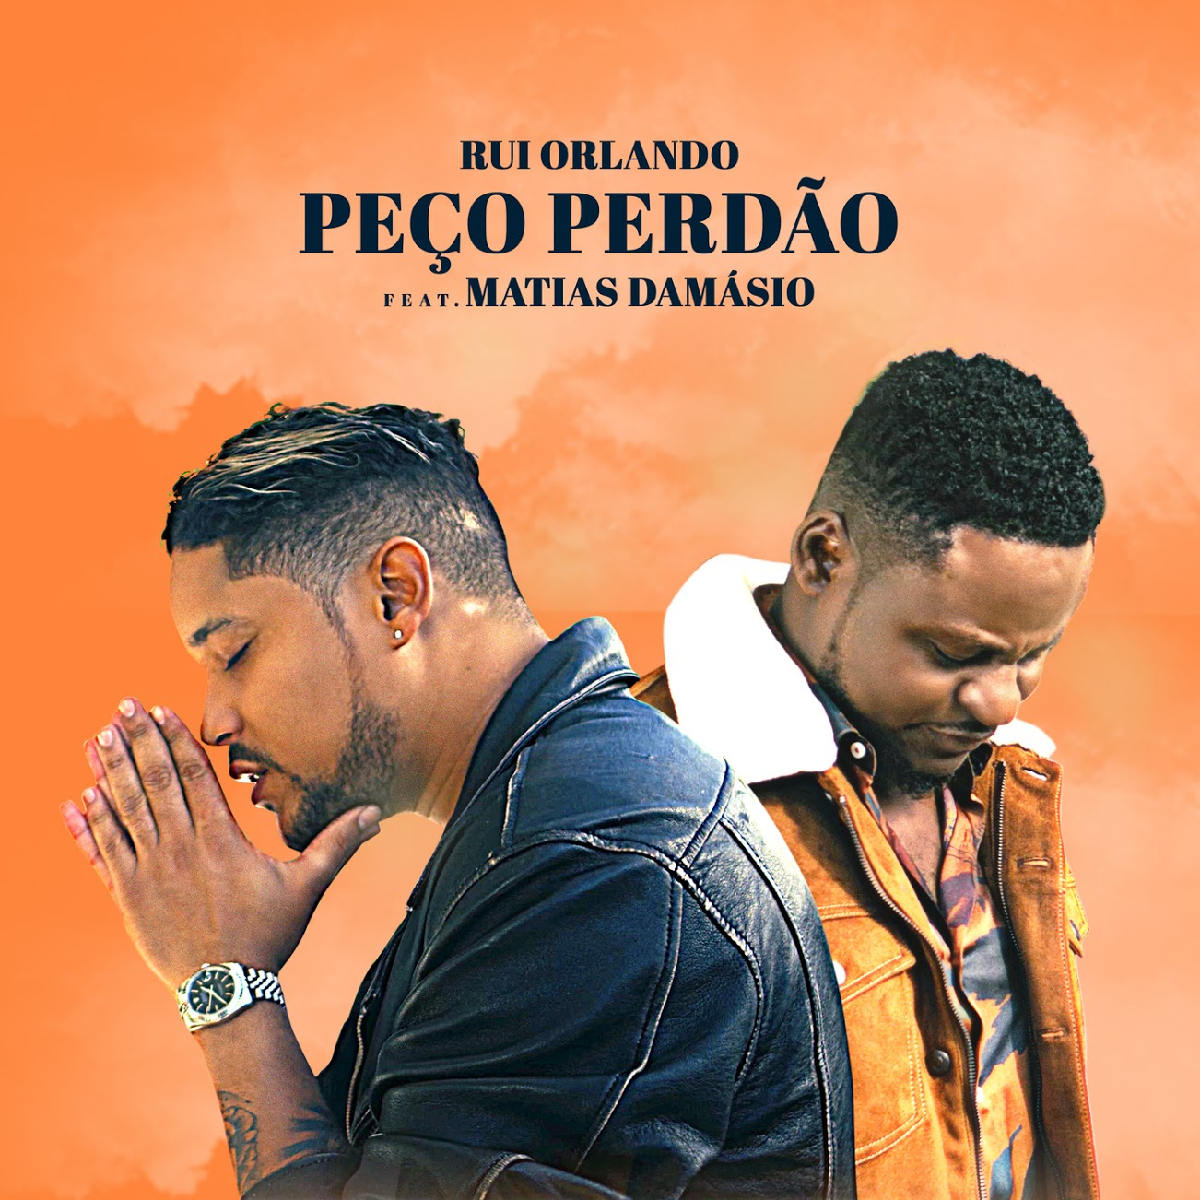 Rui Orlando feat. Matias Damásio – Peço Perdão (Download mp3 2020)